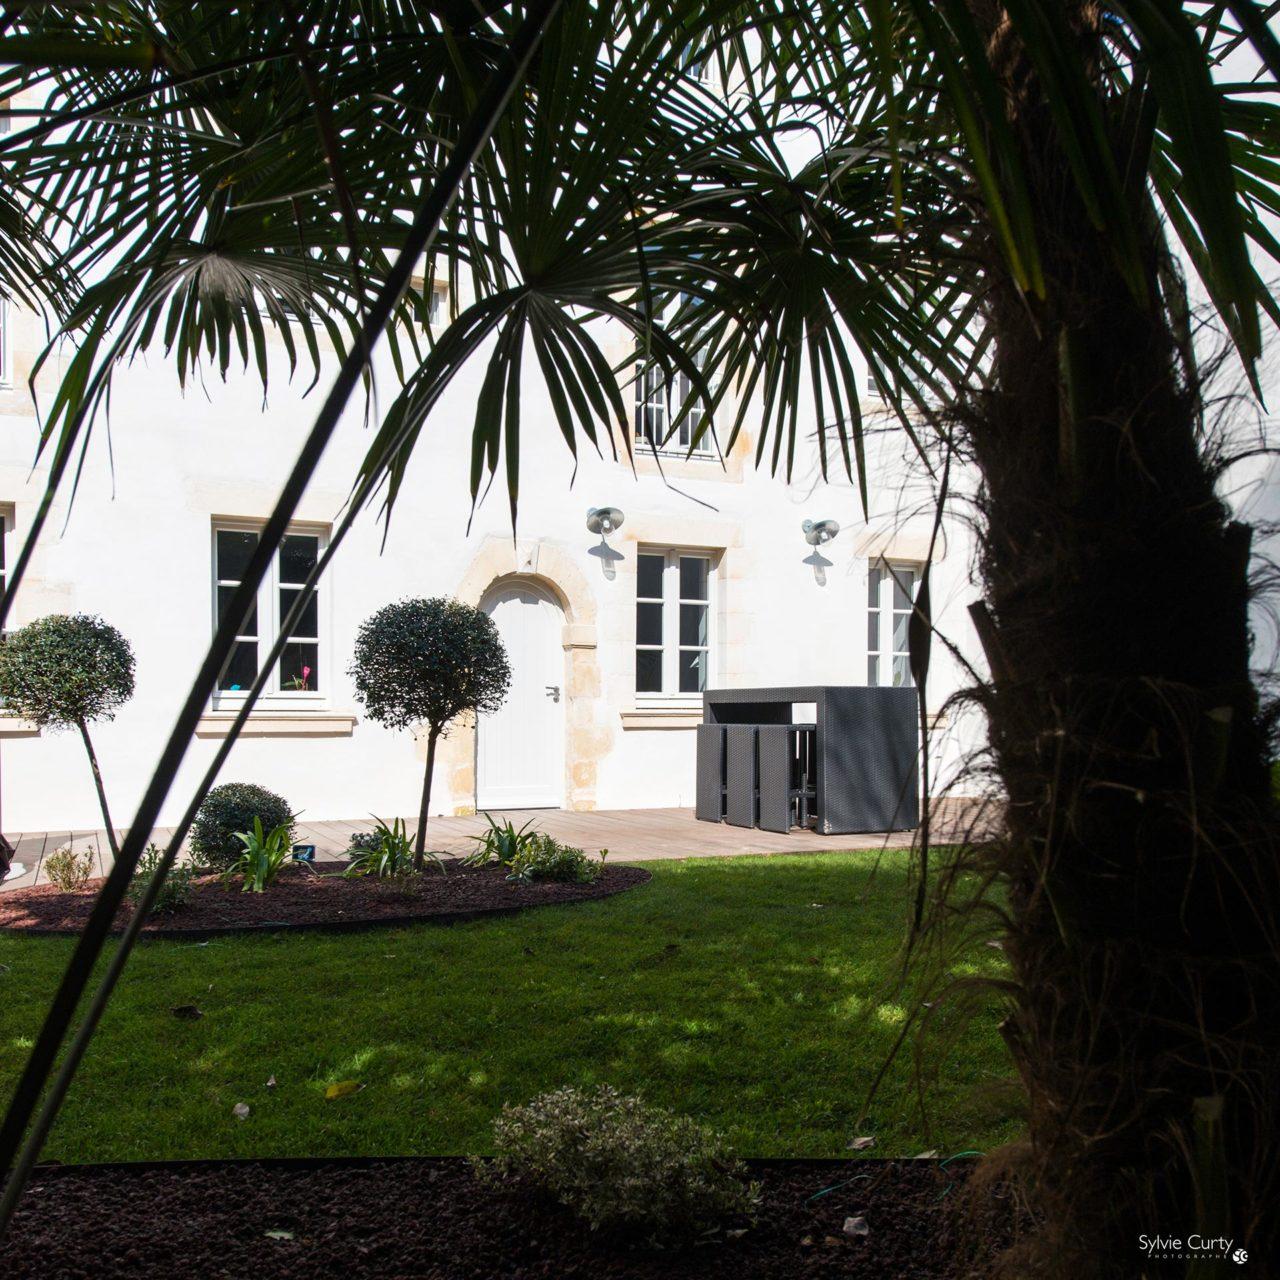 comptoir bretons espaces communs exterieur jardin